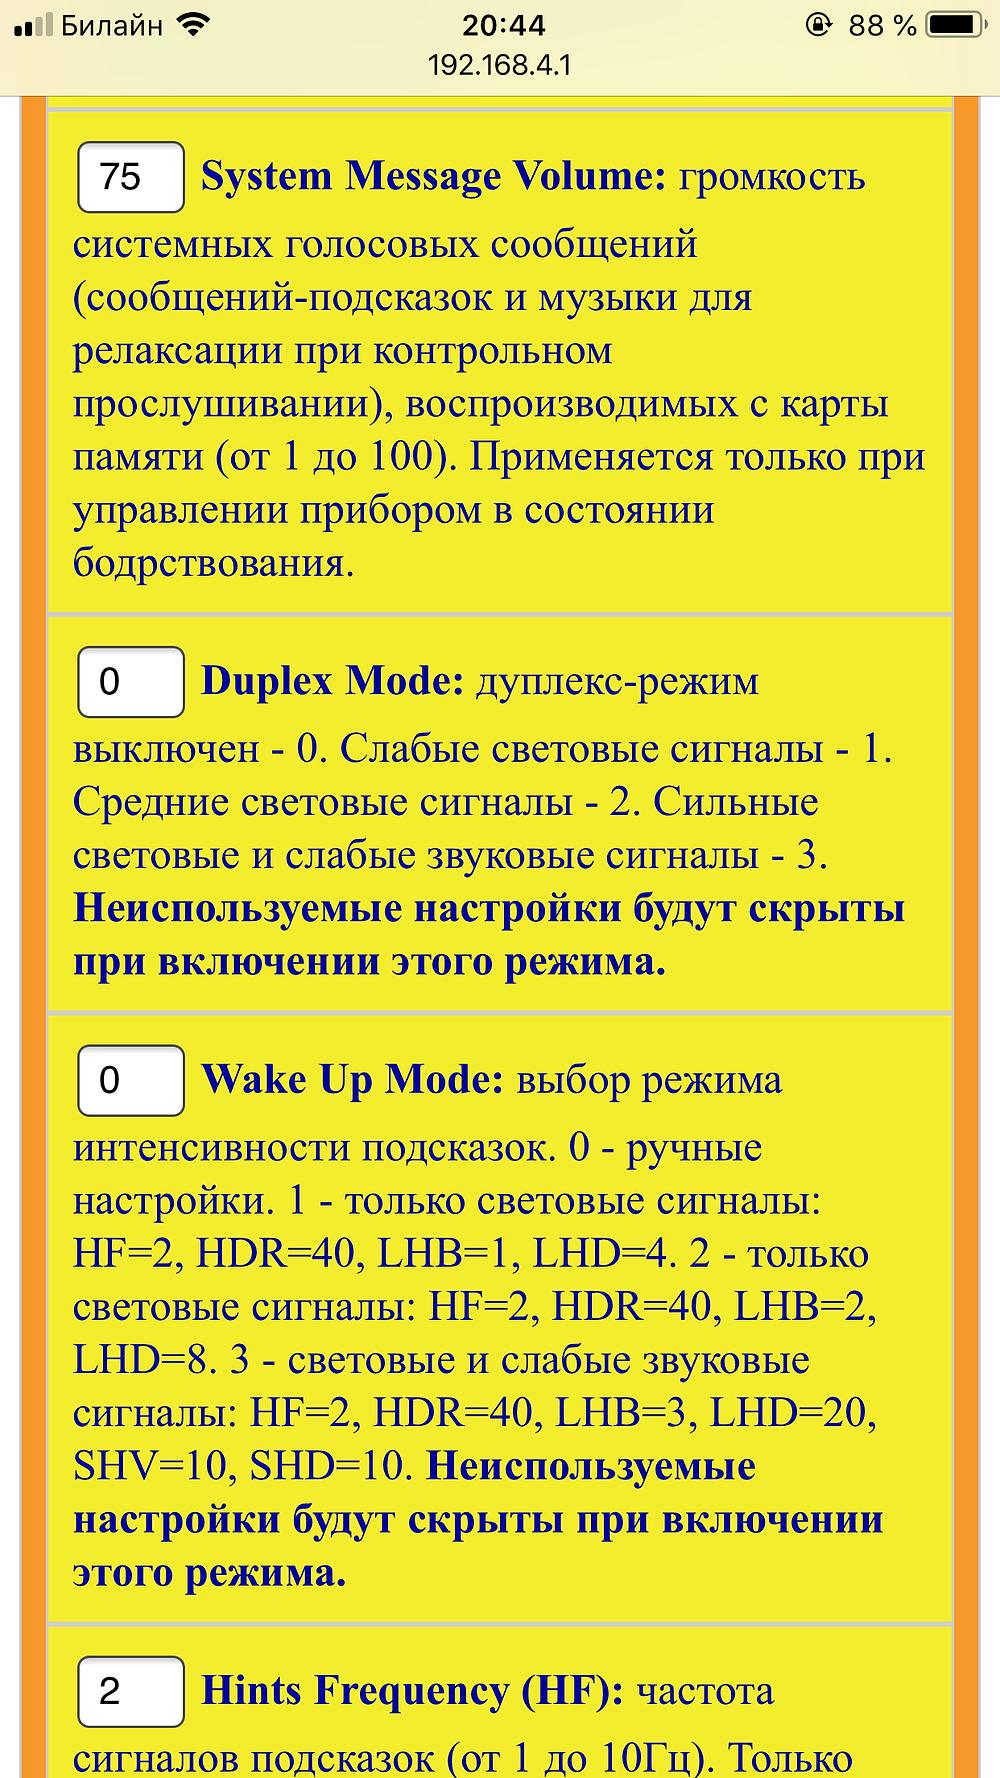 Разработка электронных приборов, Wi-Fi-интерфейс прибора DreamStalker Ultra, картинка 3